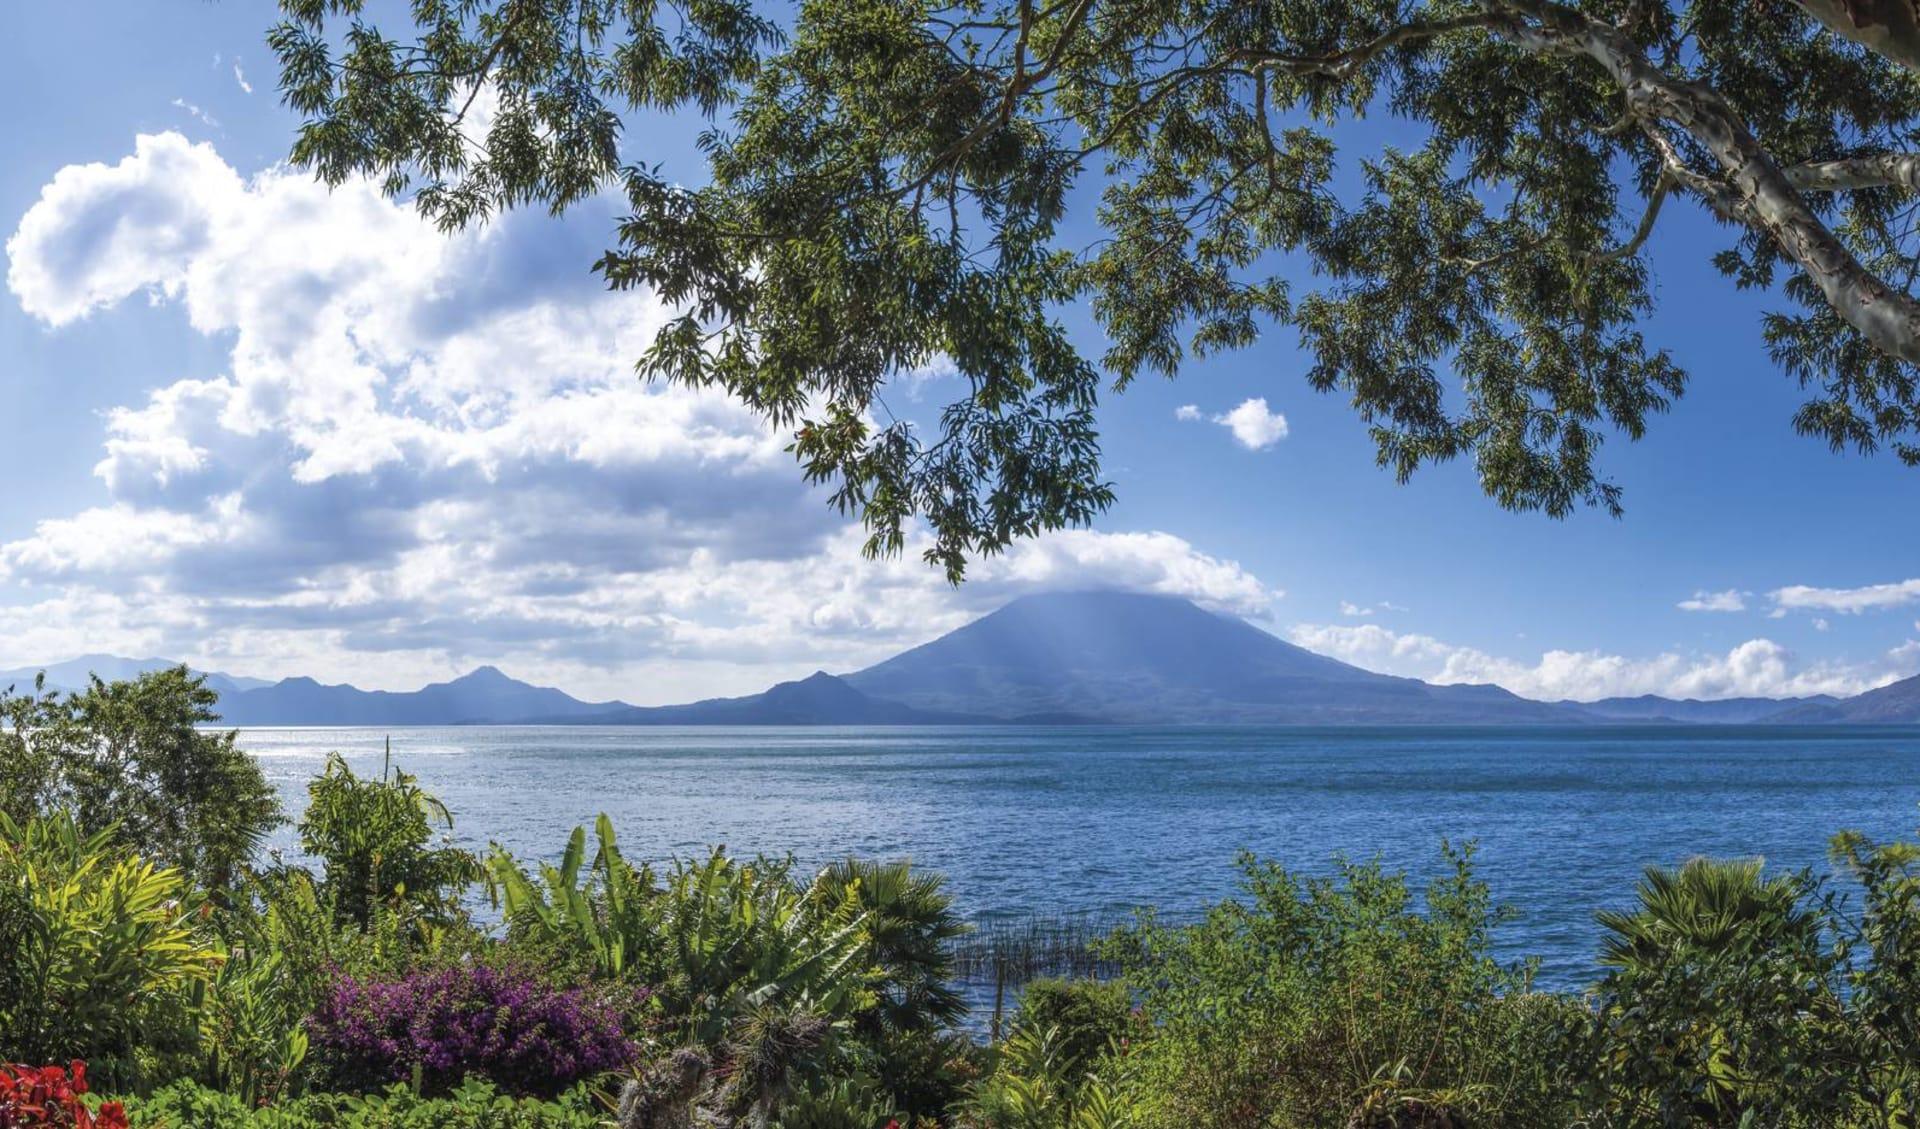 Gruppenreise Mundo Maya ab Guatemala City: Guatemala -  Lake Atitlan - Panorama mit Vulkan im Hintergrund